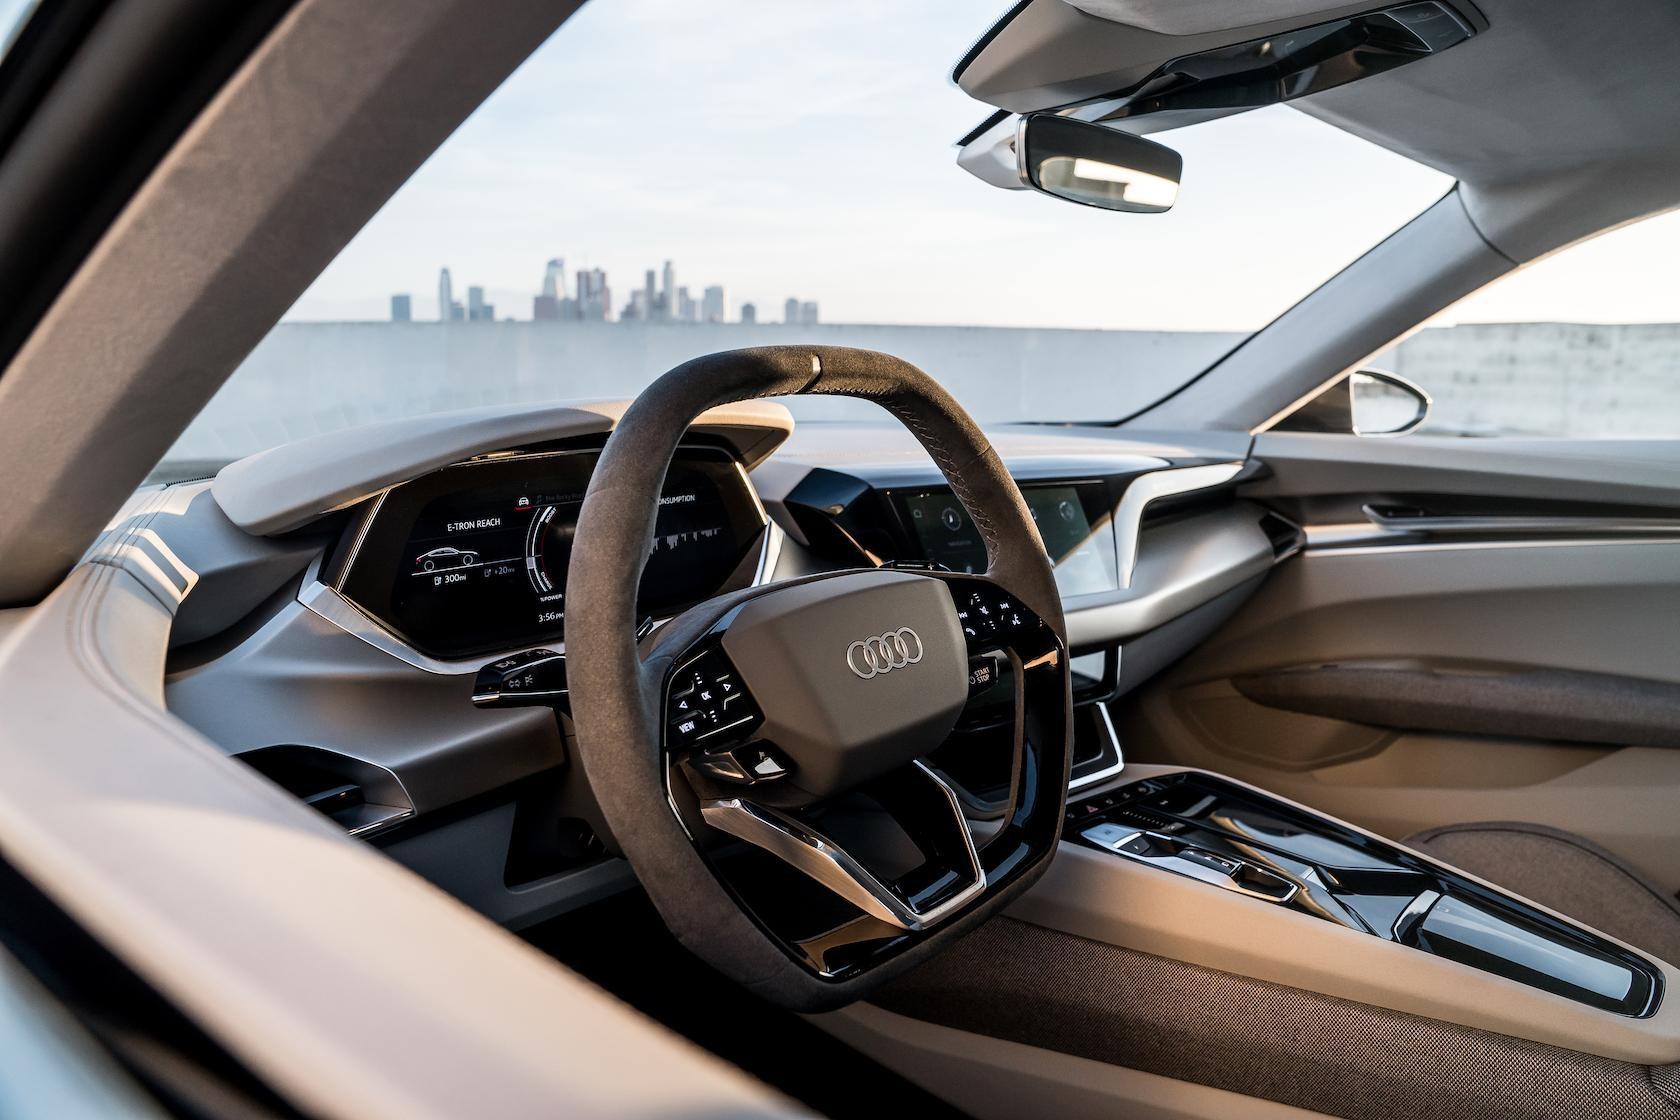 奥迪e-tron GT概念车是最好的诱饵和开关